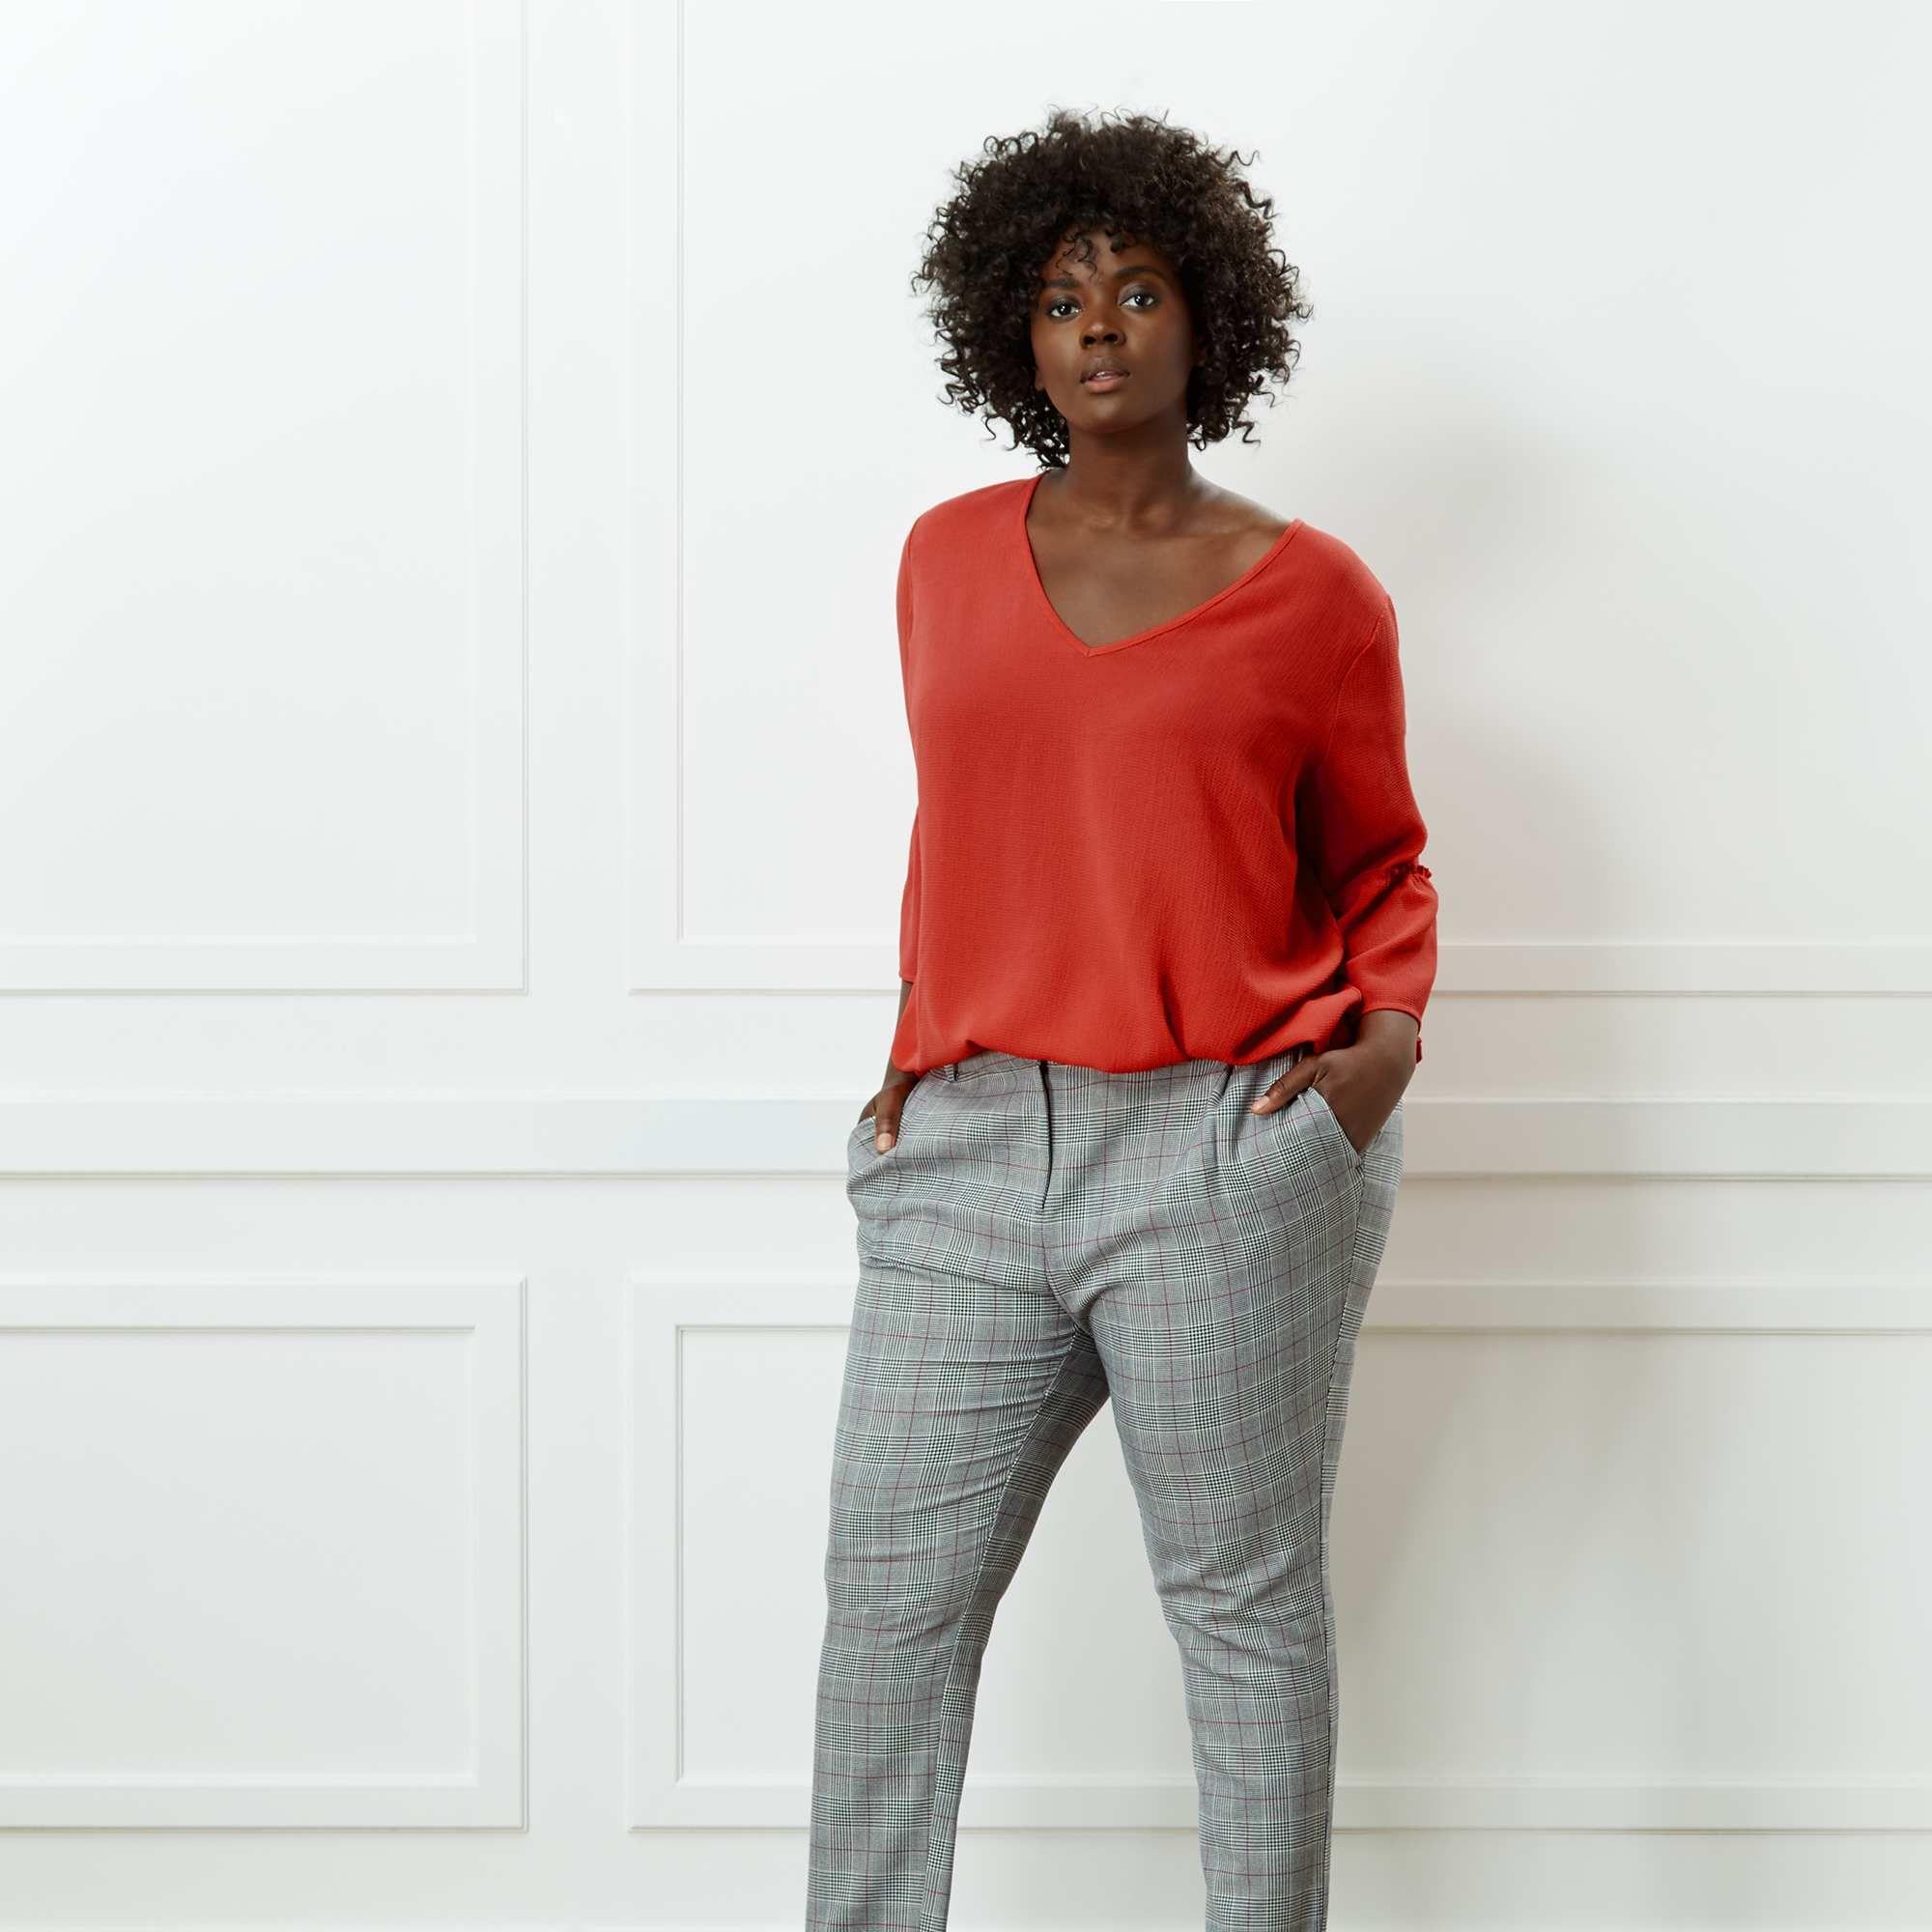 e2d802b9bde4 Pantaloni dritti stampa Principe di Galles Taglie forti donna - nero - Kiabi  - 25